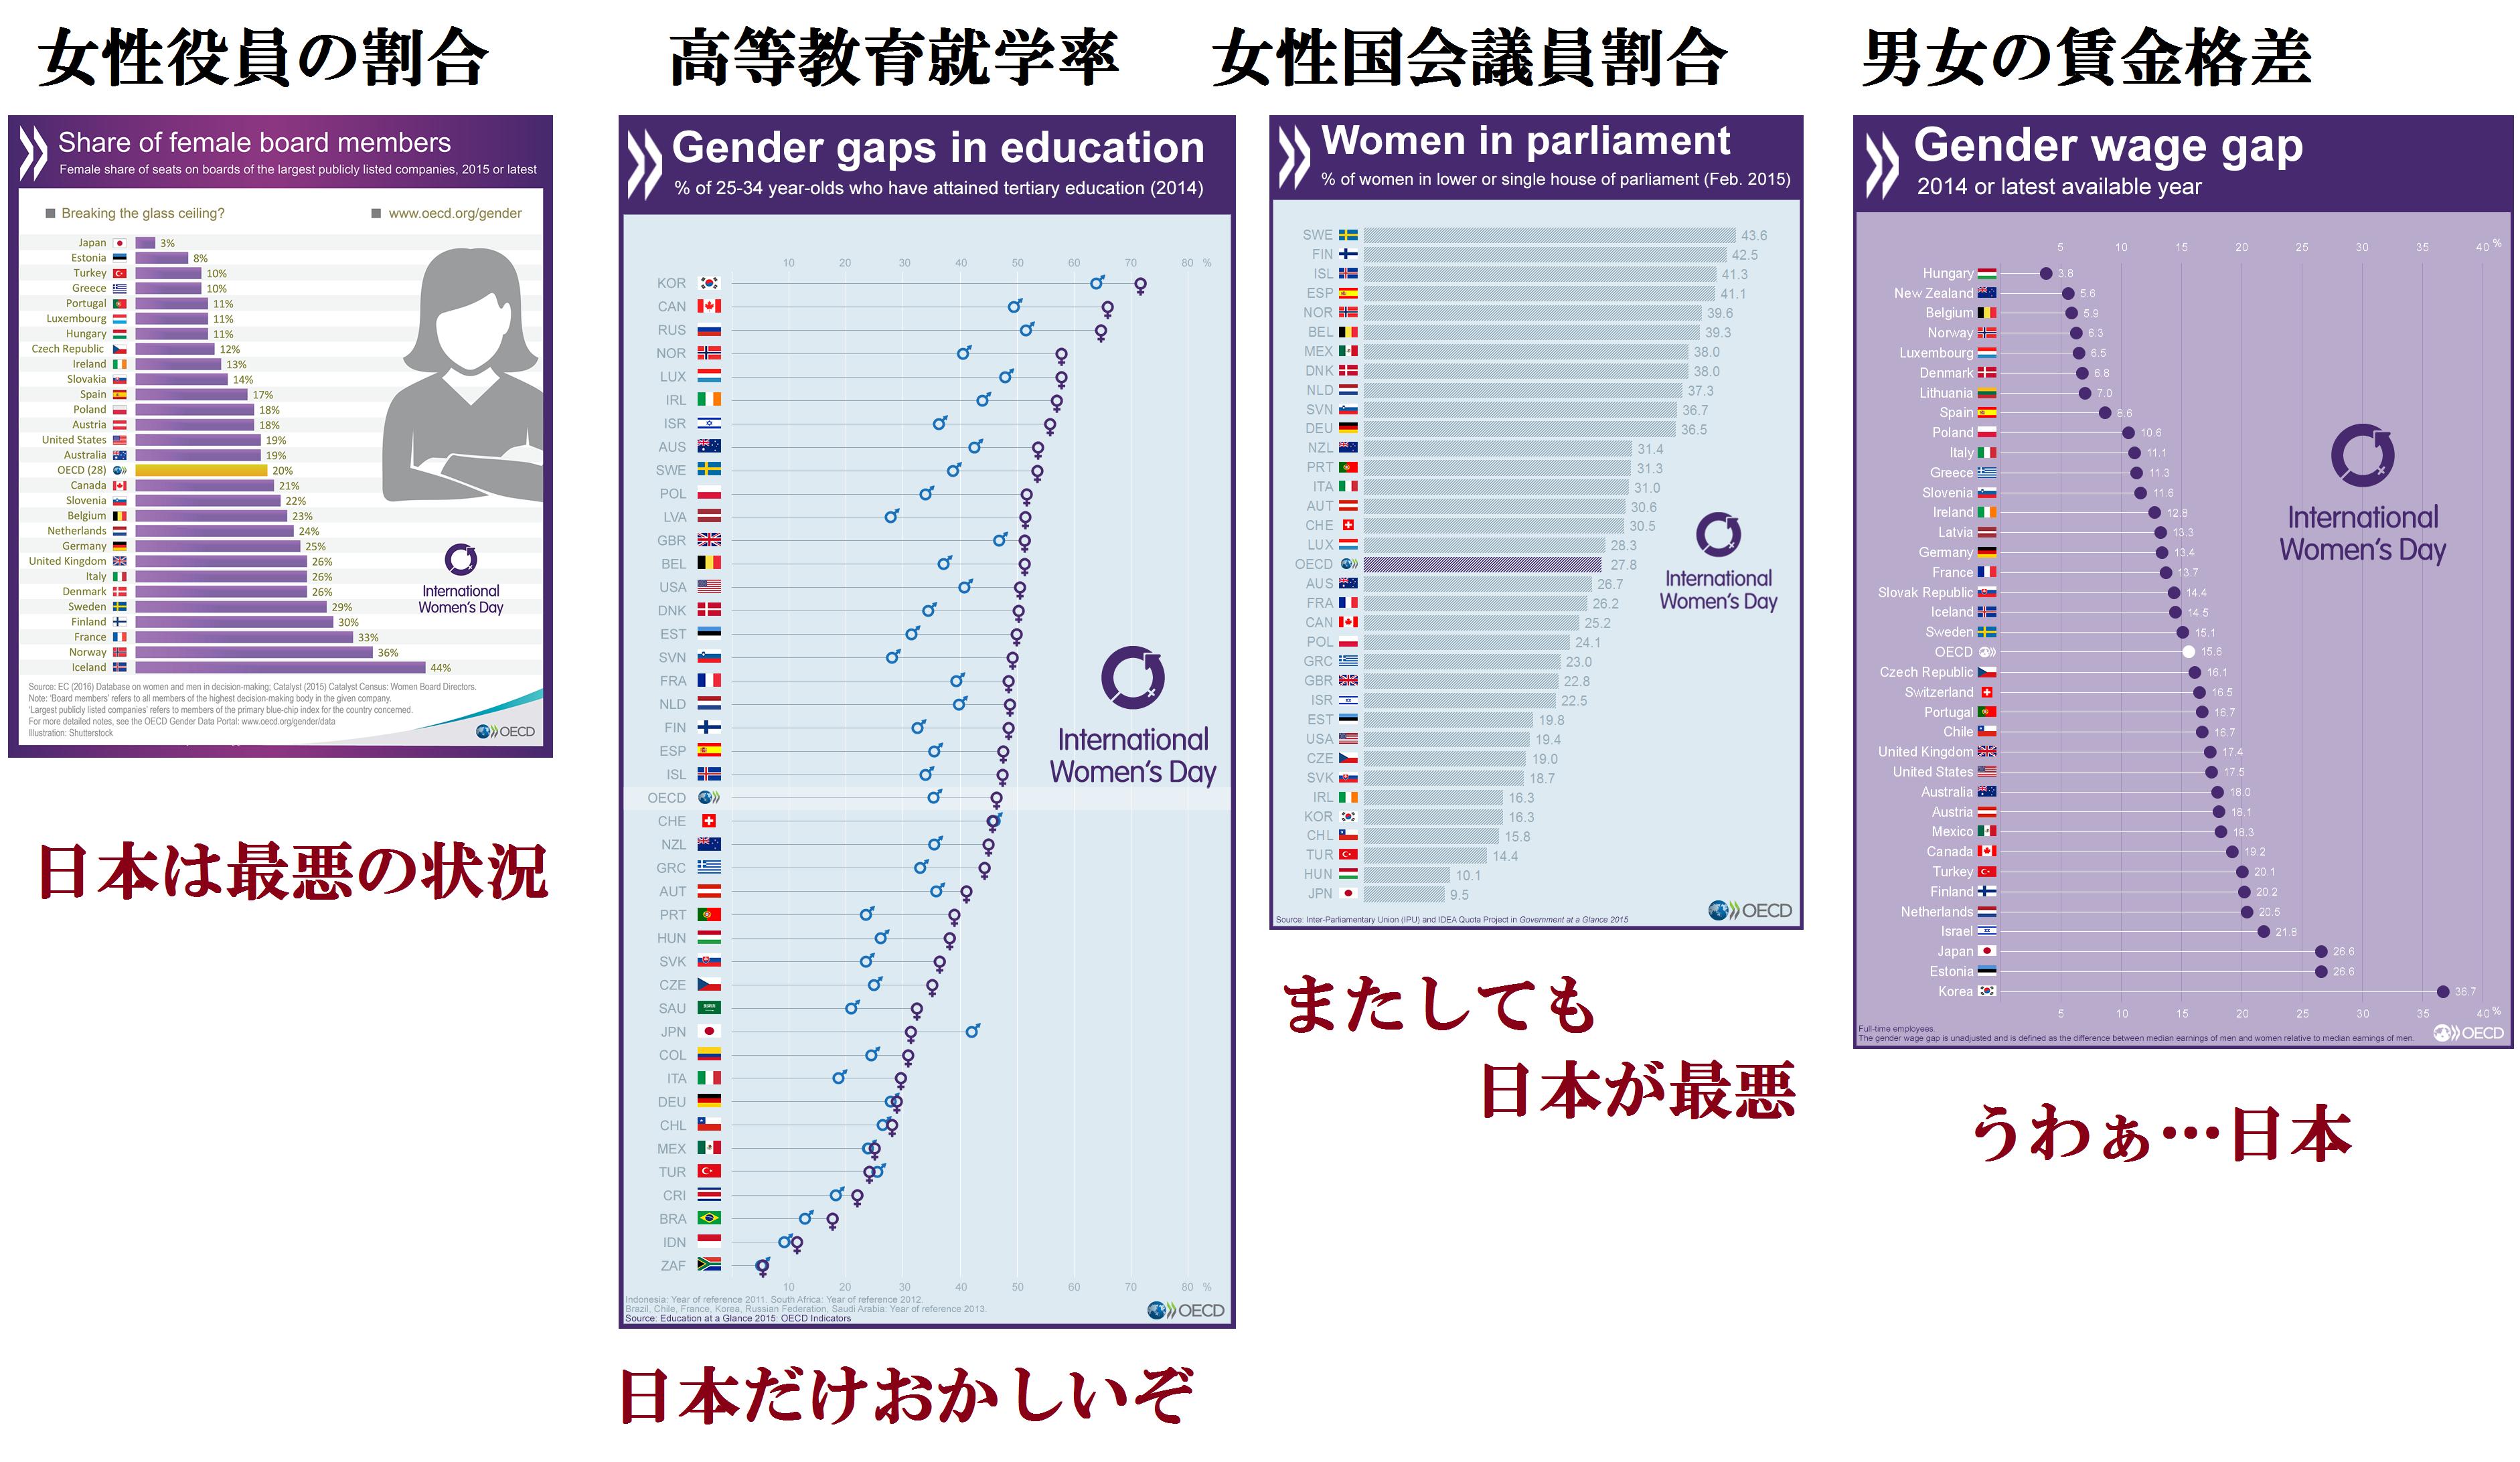 【調査】日本人の9割が「日本が好き」と回答…日本の好きな部分では20〜30代は「食」、40〜50代は「治安の良さ」が最多★2©2ch.net YouTube動画>17本 dailymotion>1本 ->画像>75枚